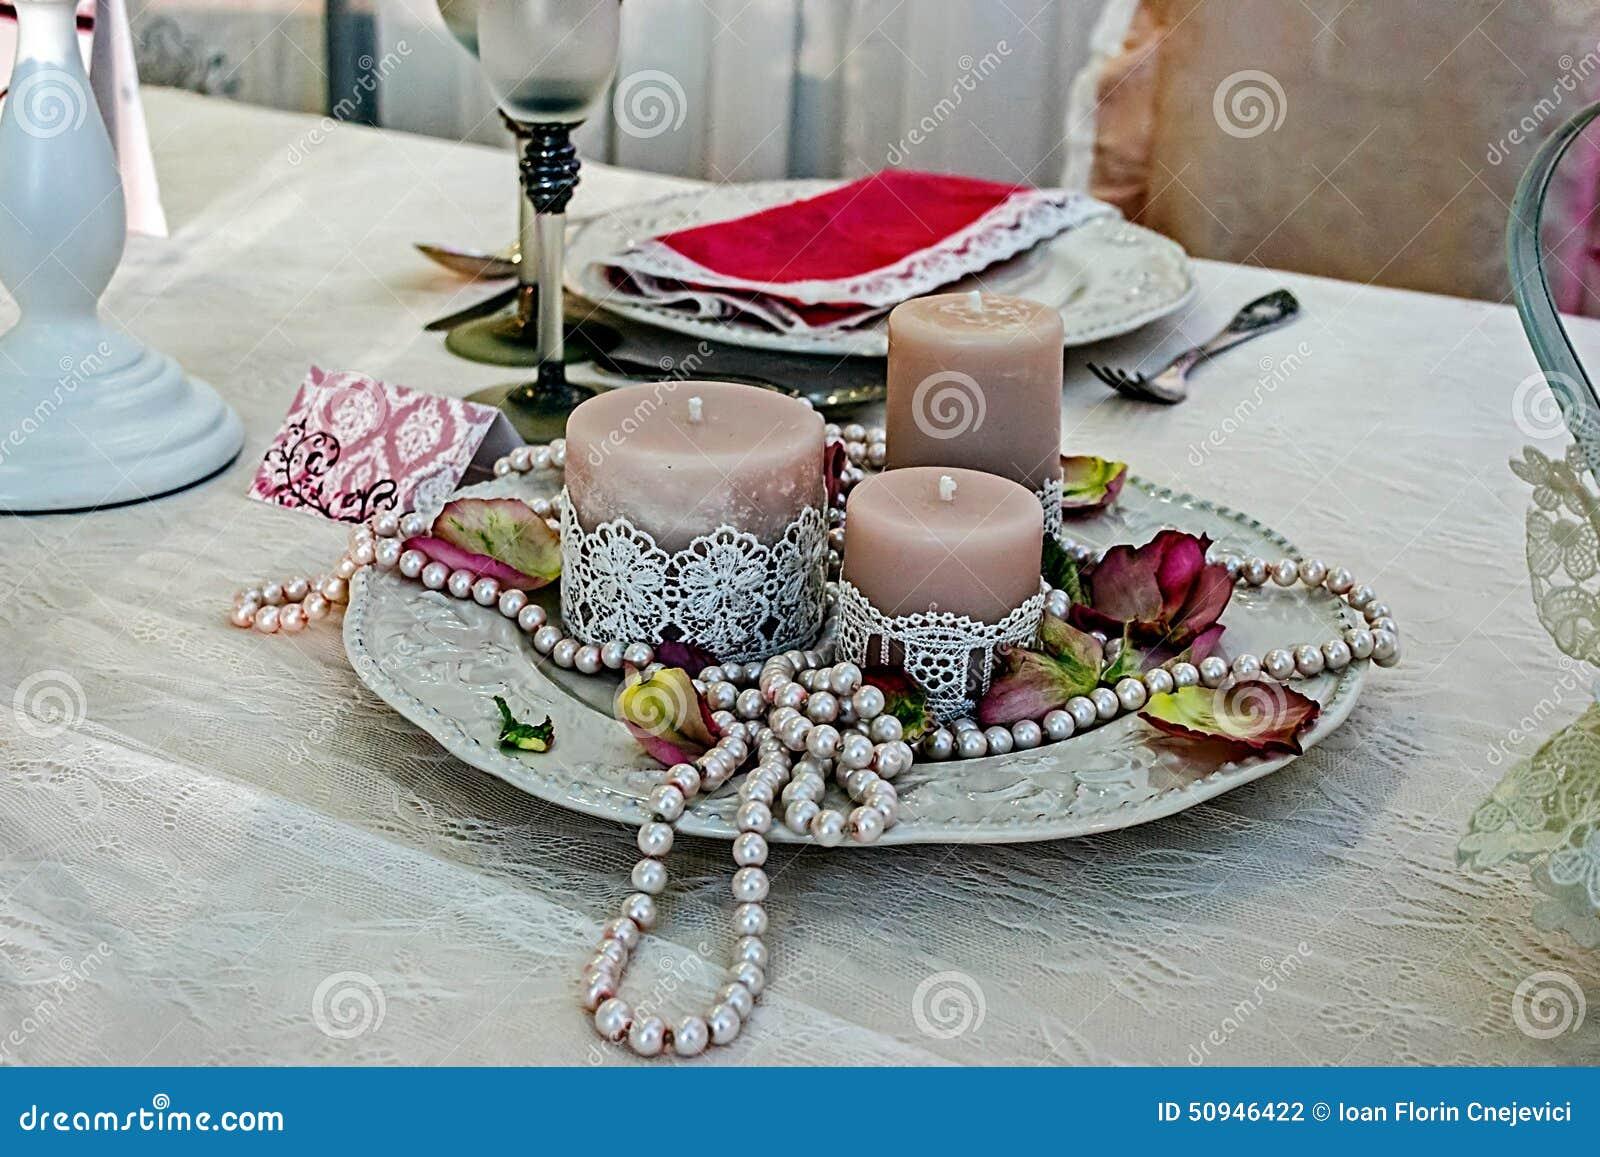 Arreglo para una cena romántica -4